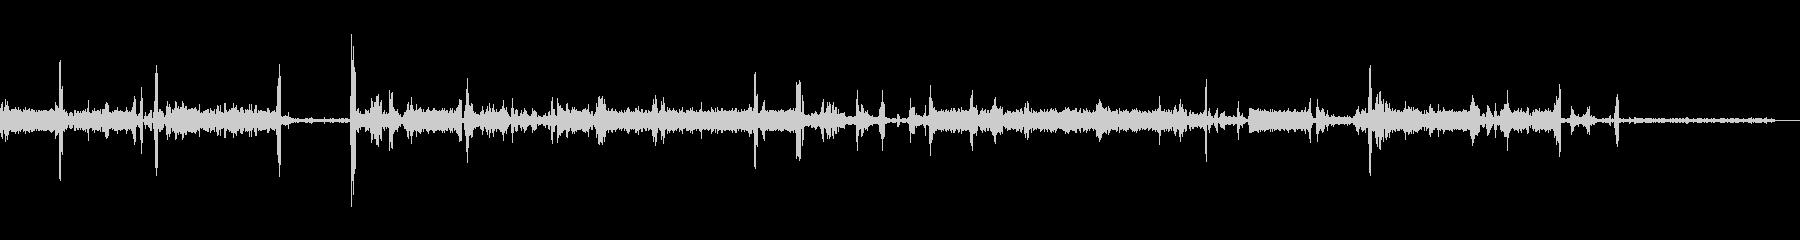 無線機のノイズの未再生の波形